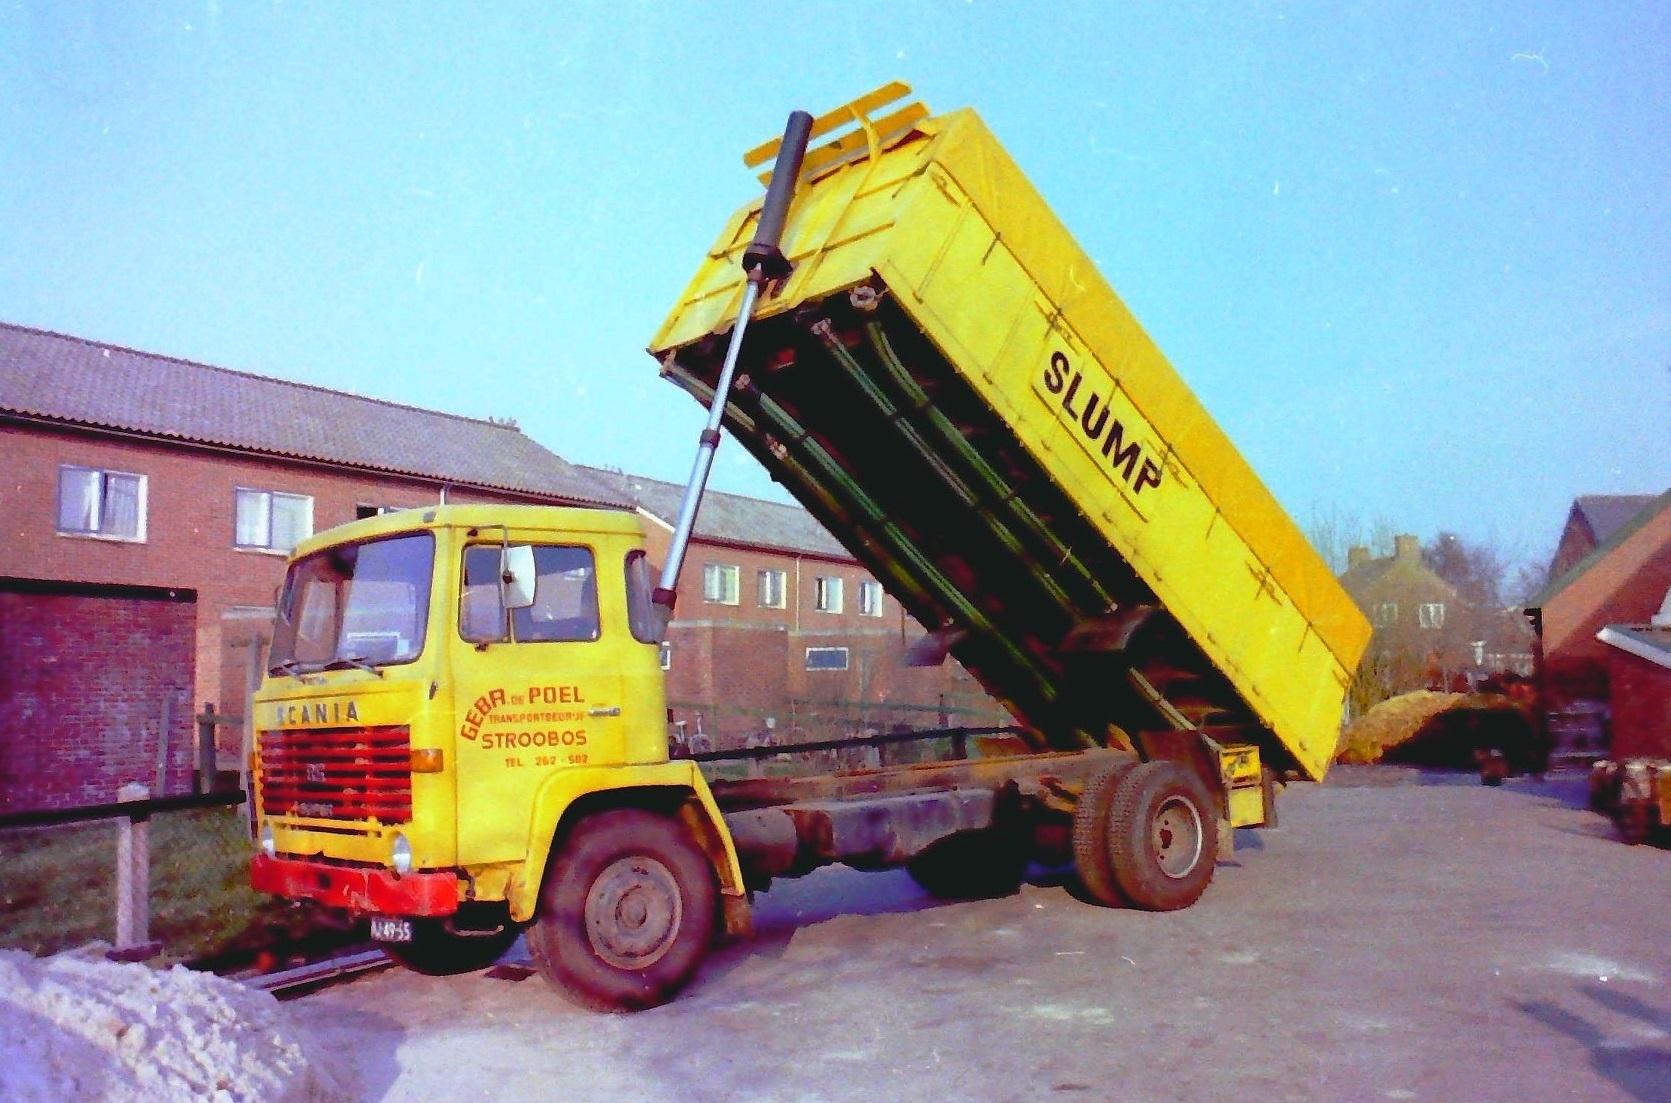 Scania--bulkauto-van-Gebr-de-Poel-uit-Stroobos-die-reed-voor-Slump-veevoederfabriek-te-Stroobos-hij-is-gebouwd-door-Rondaan-toen-nog-te-Beetgum-1